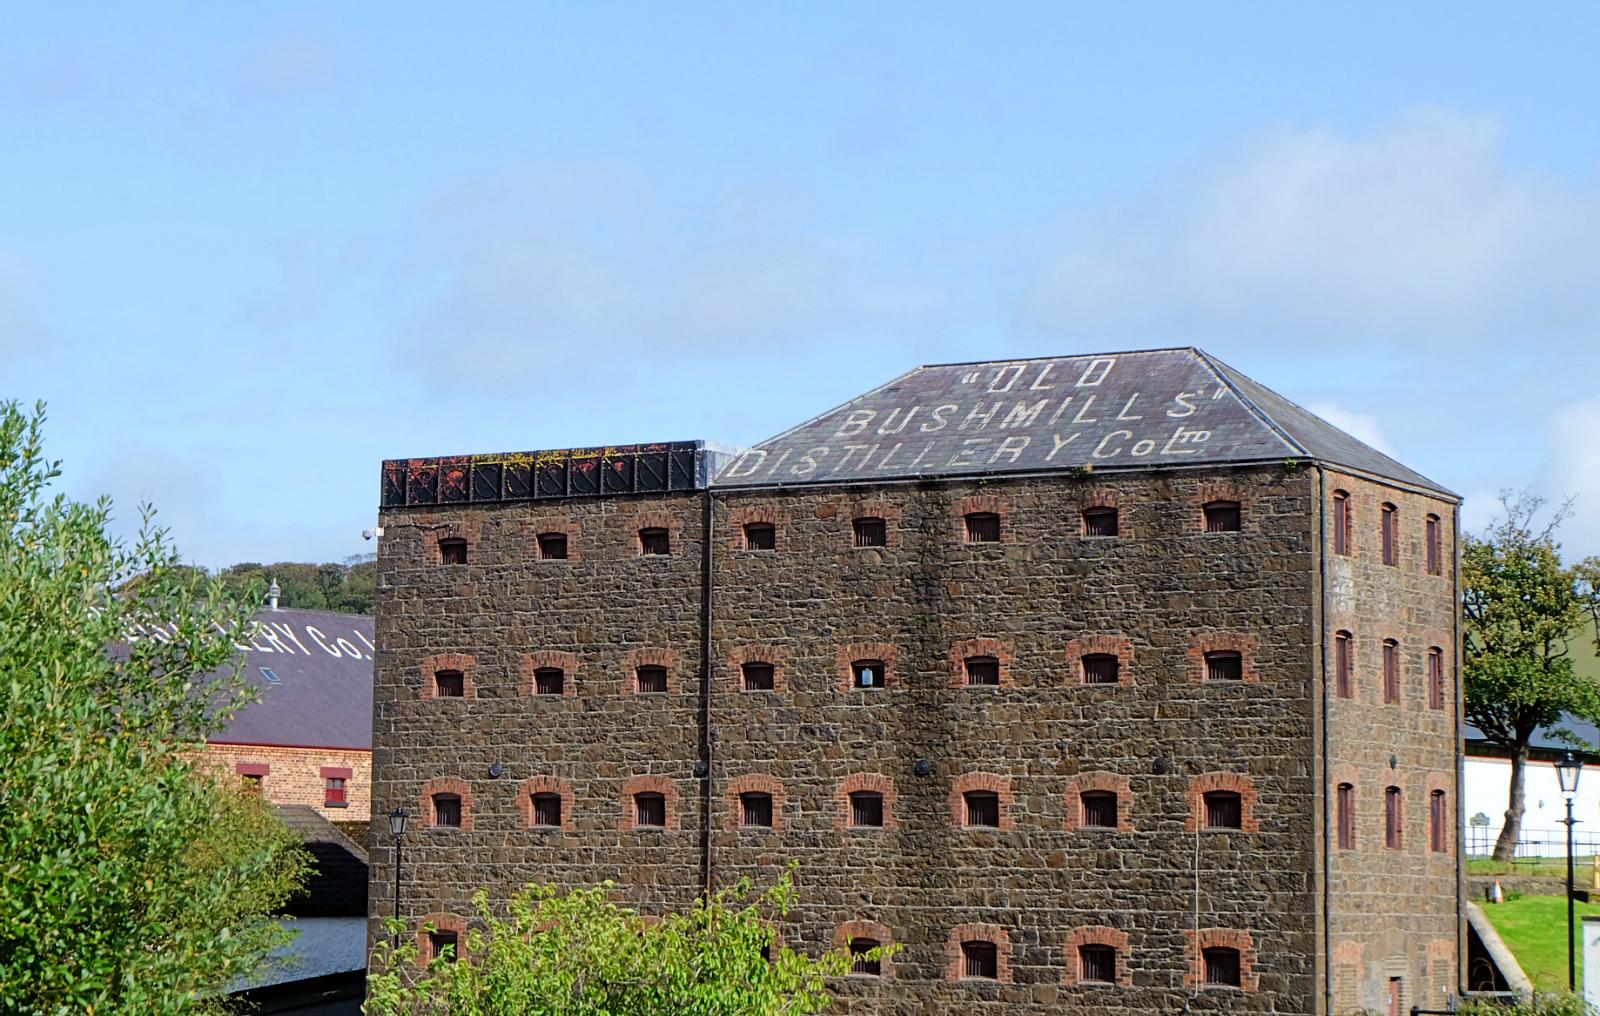 tradycyjna irlandzka destylarnia whiskey The Old Bushmills Destillery